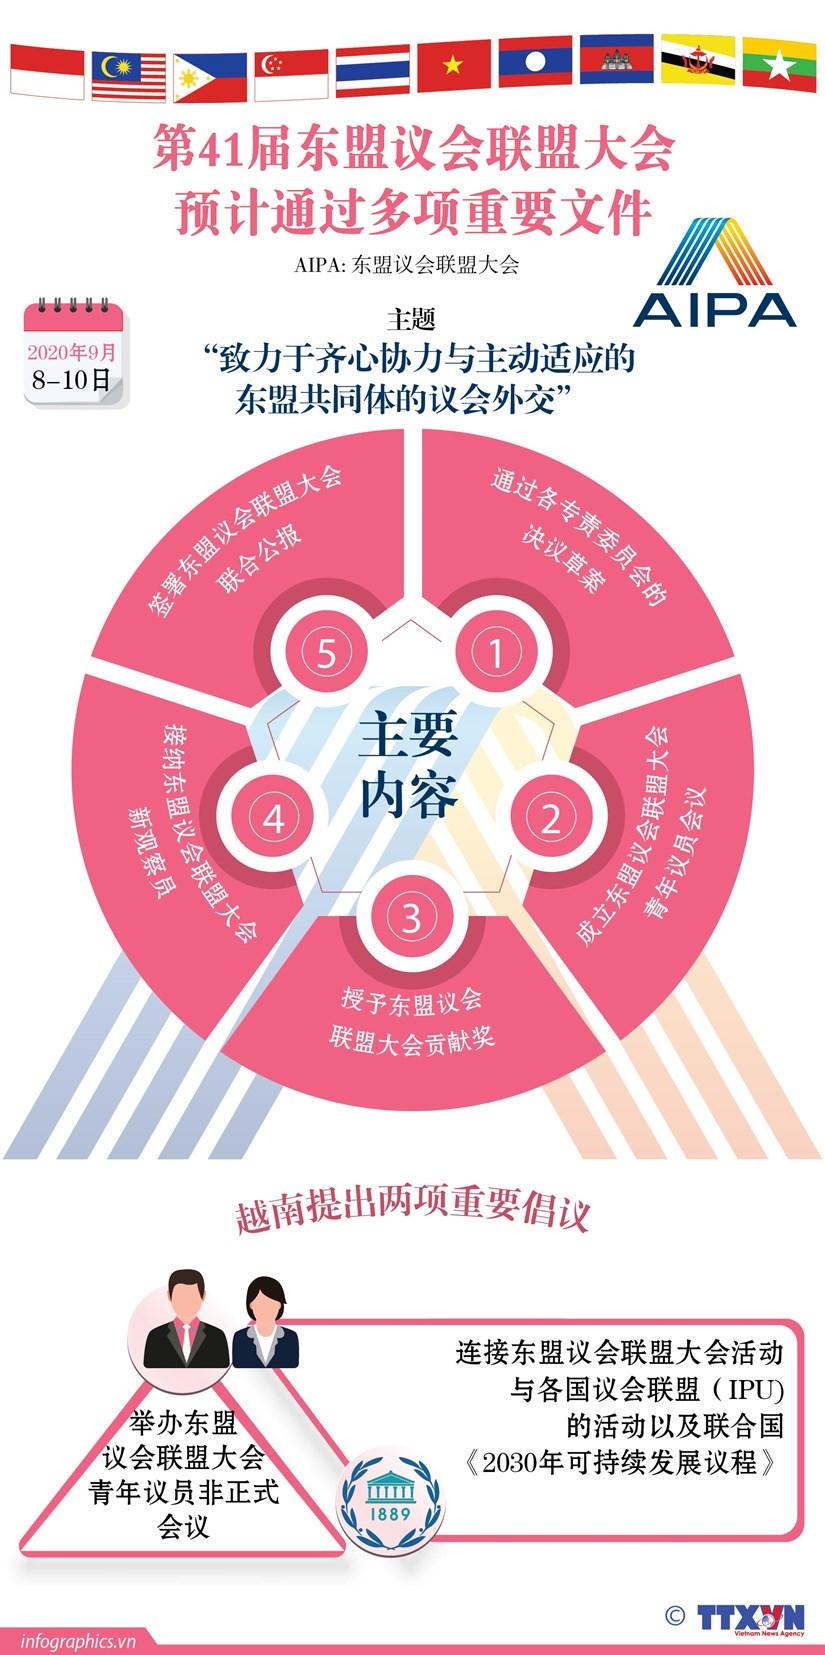 图表新闻: 第41届东盟一会联盟大会预计通过多项重要文件 hinh anh 1